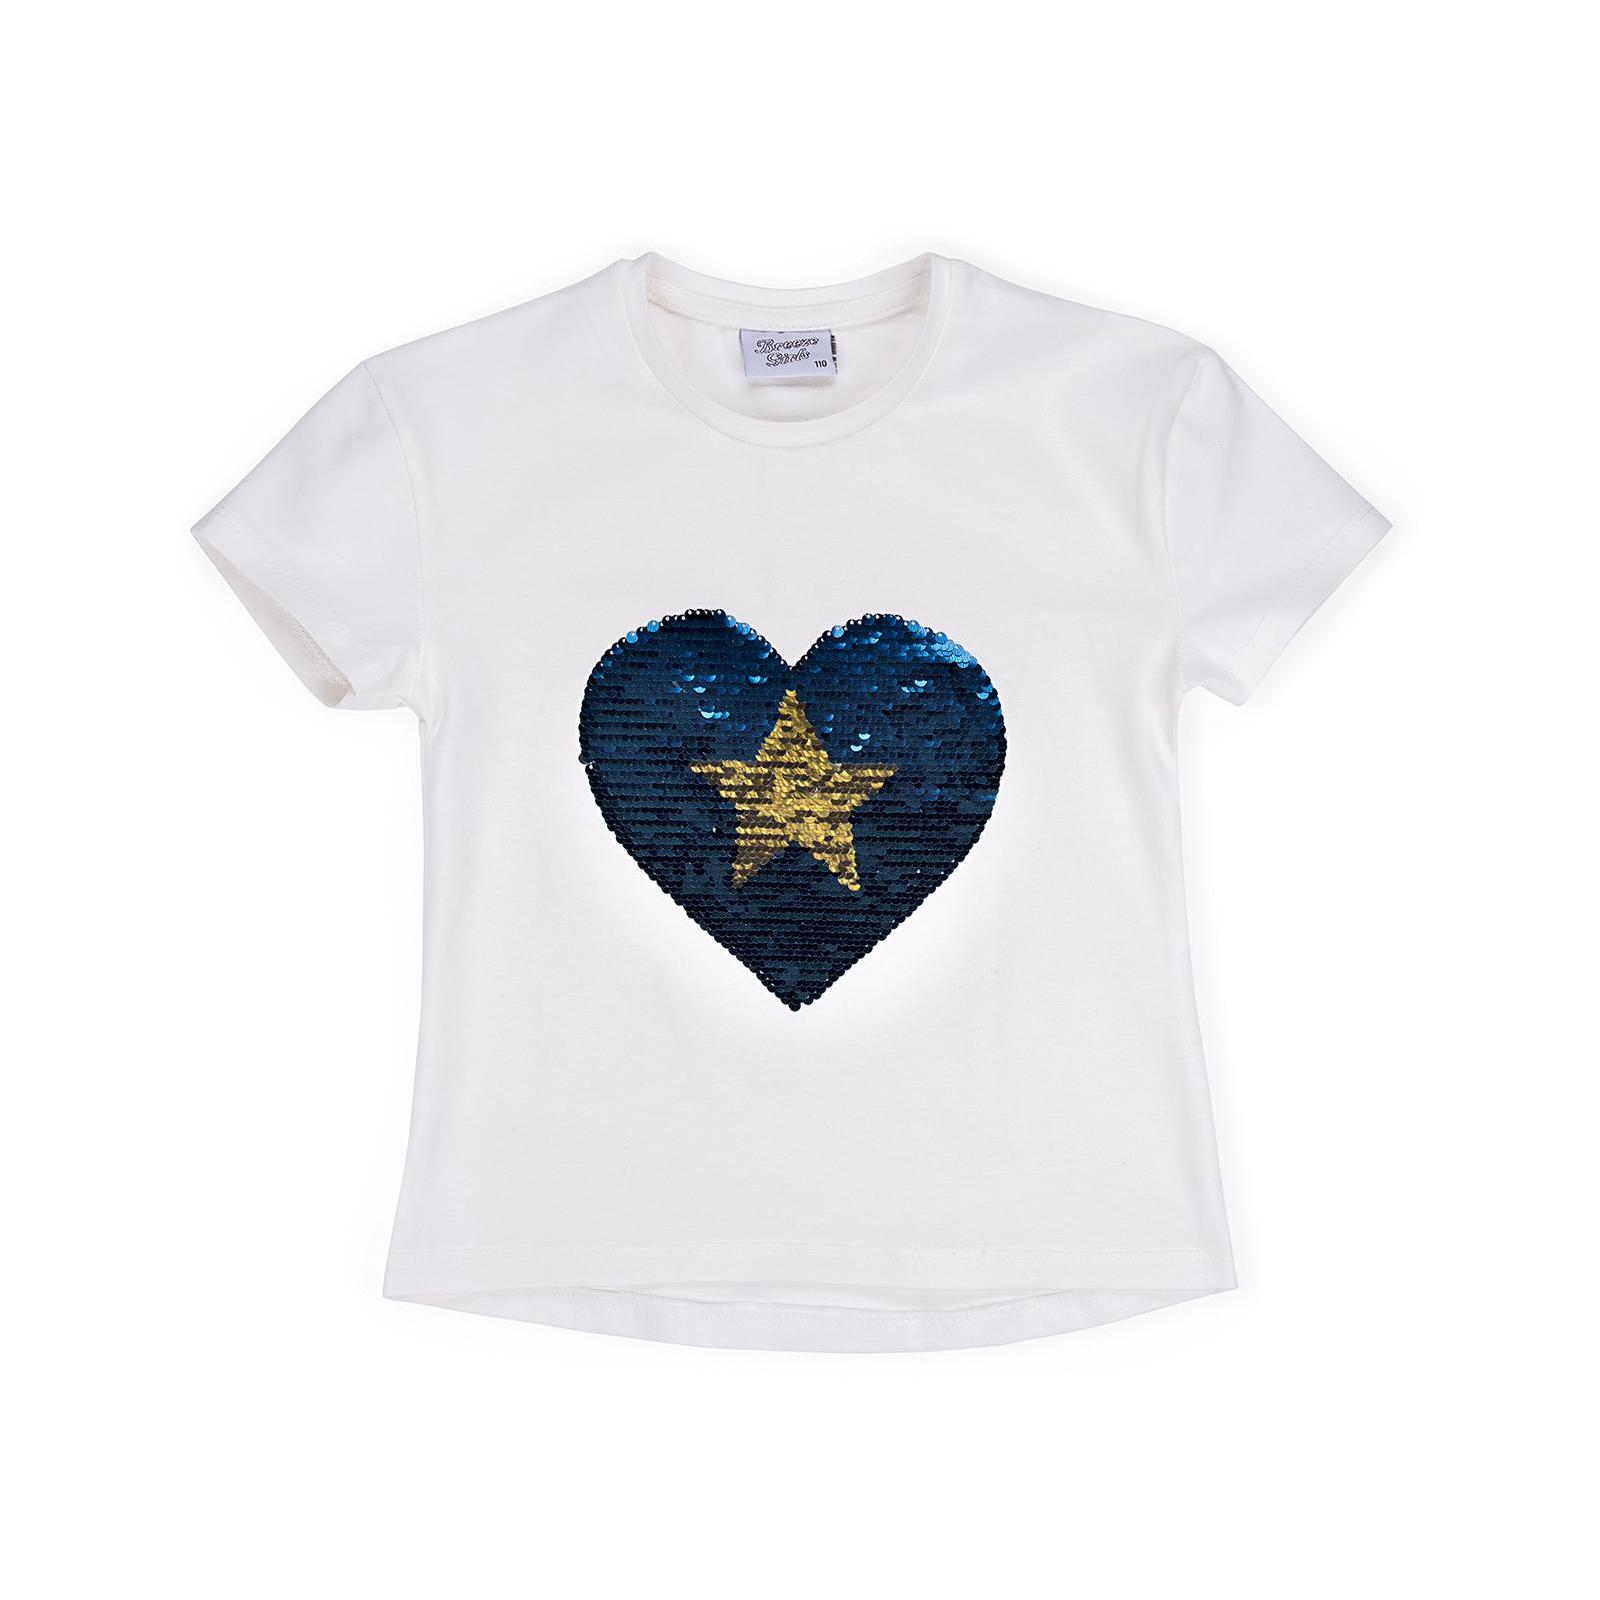 Футболка детская Breeze с сердцем перевертышем (9287-110G-blue)